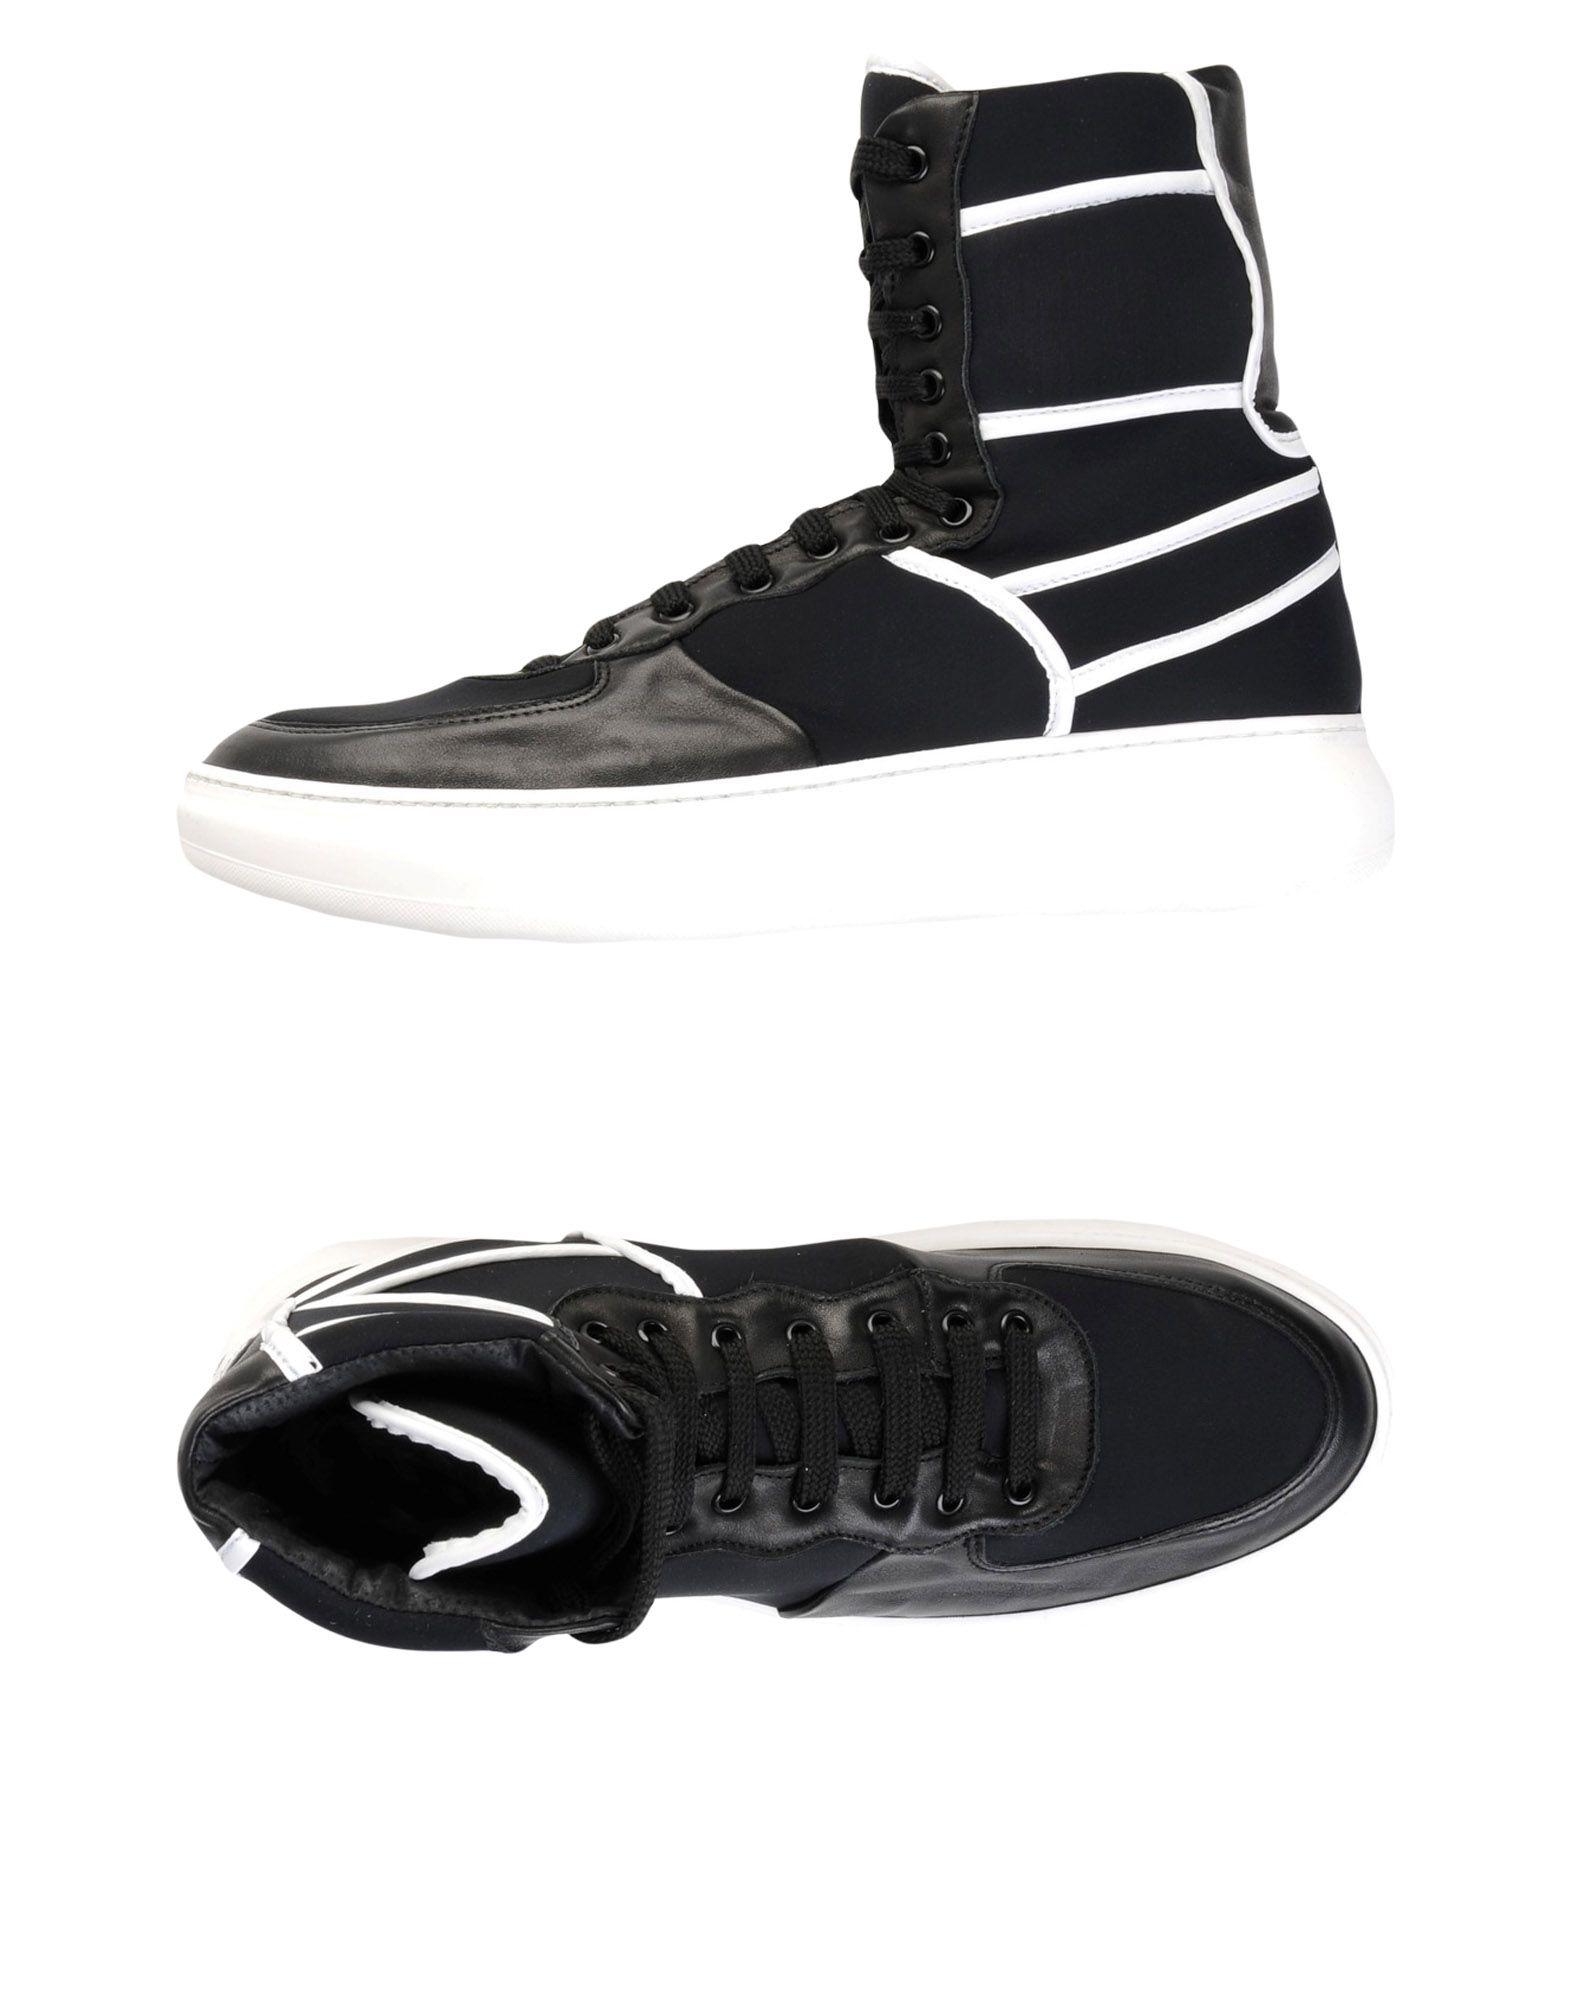 Pierre Darré Herren Sneakers Herren Darré  11536382JC f1344c